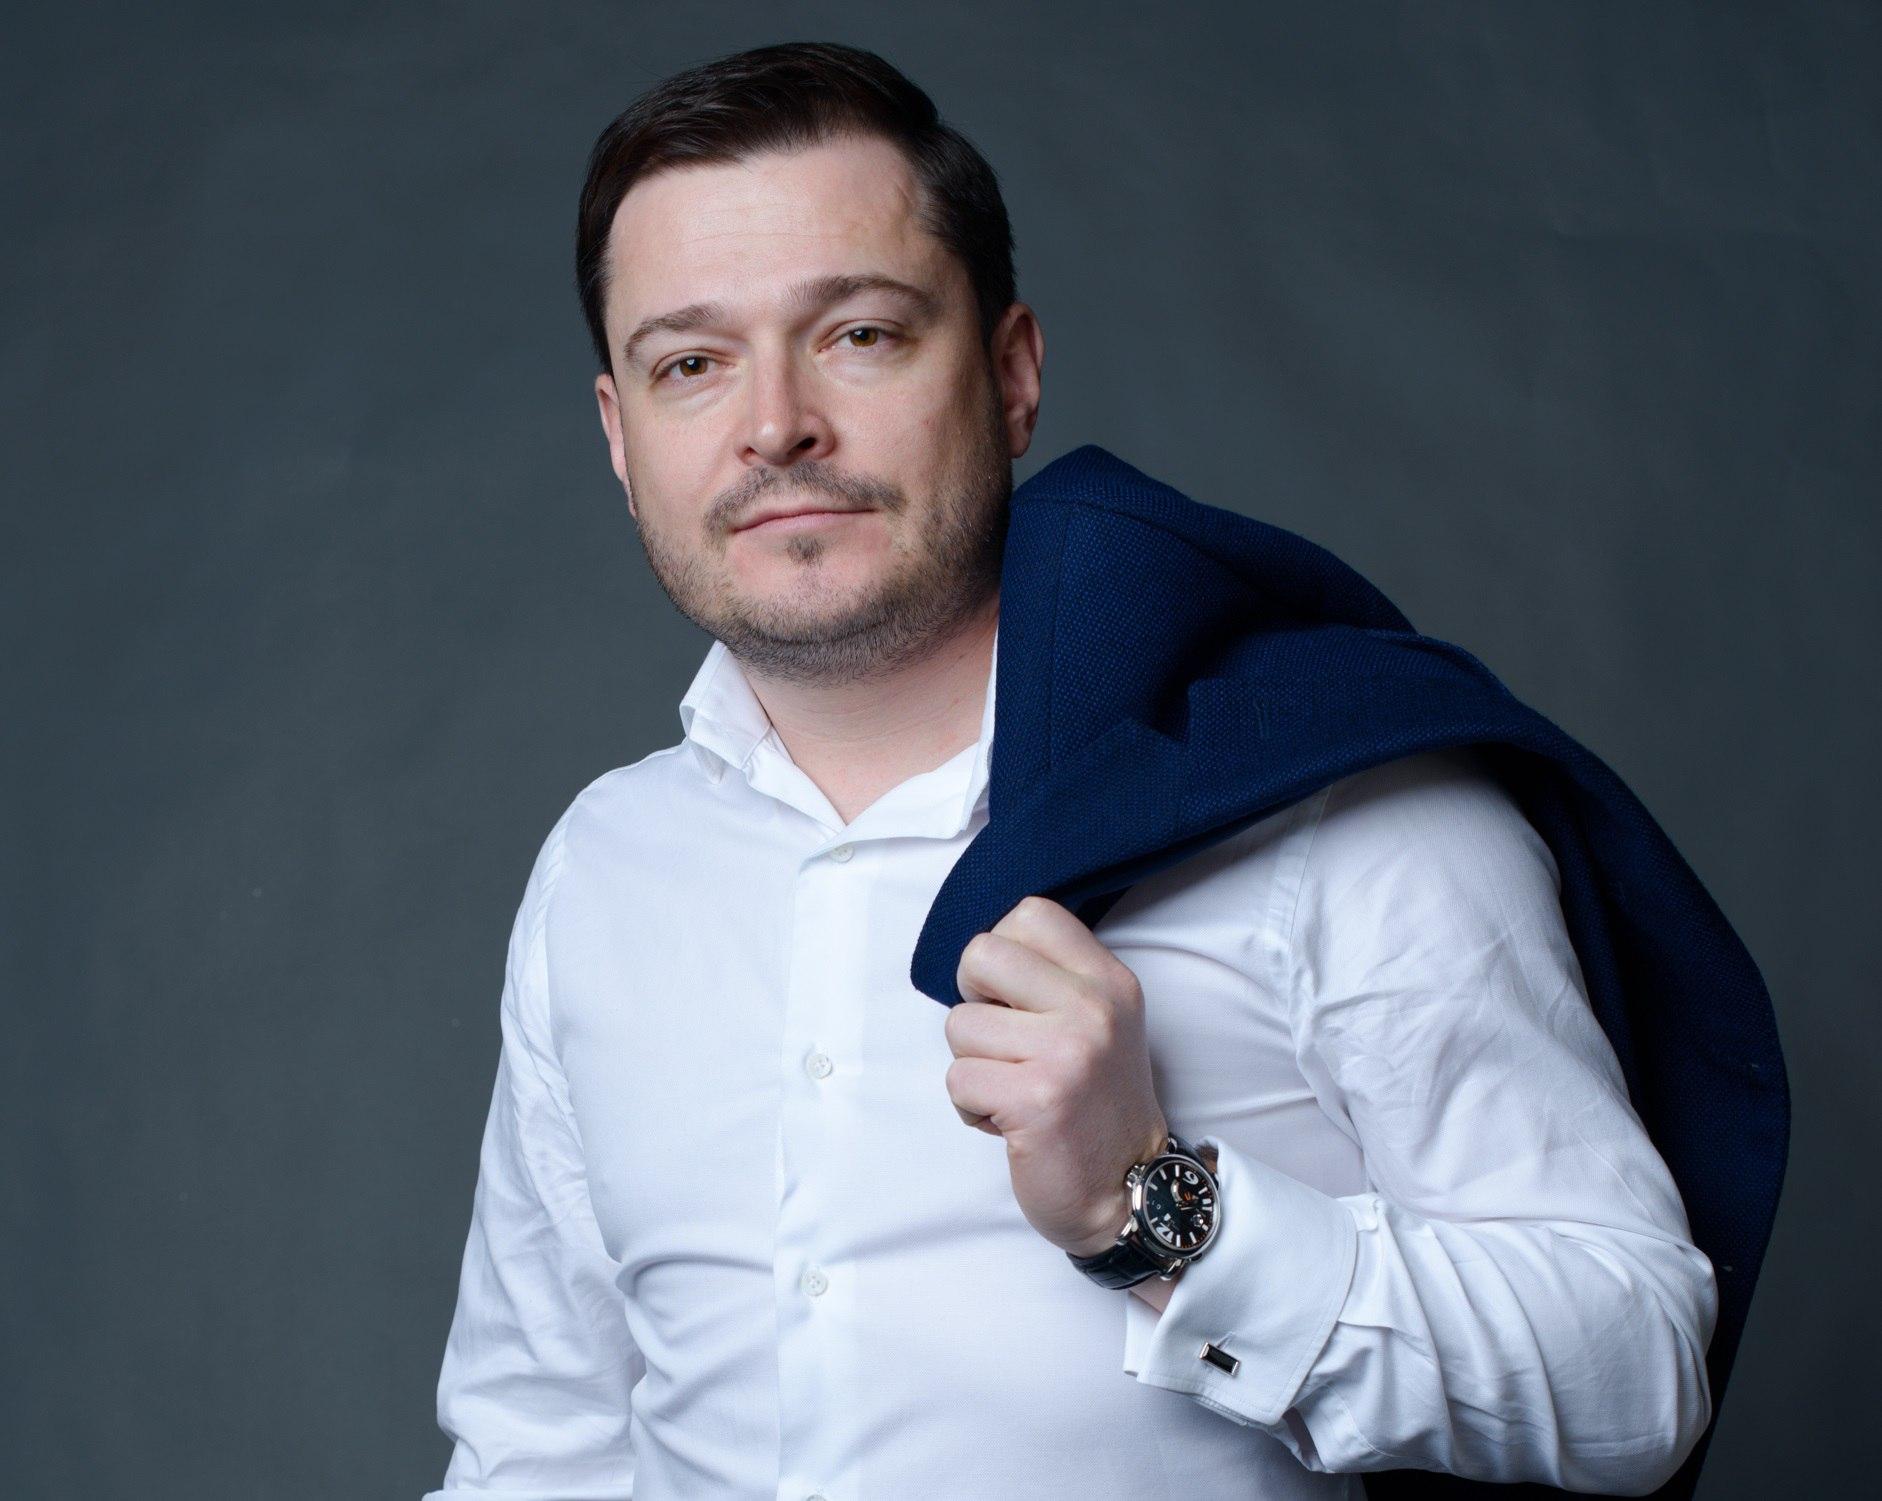 Максим Митькин, Tele2: «Мы предлагаем «Другие правила» на телеком-рынке»